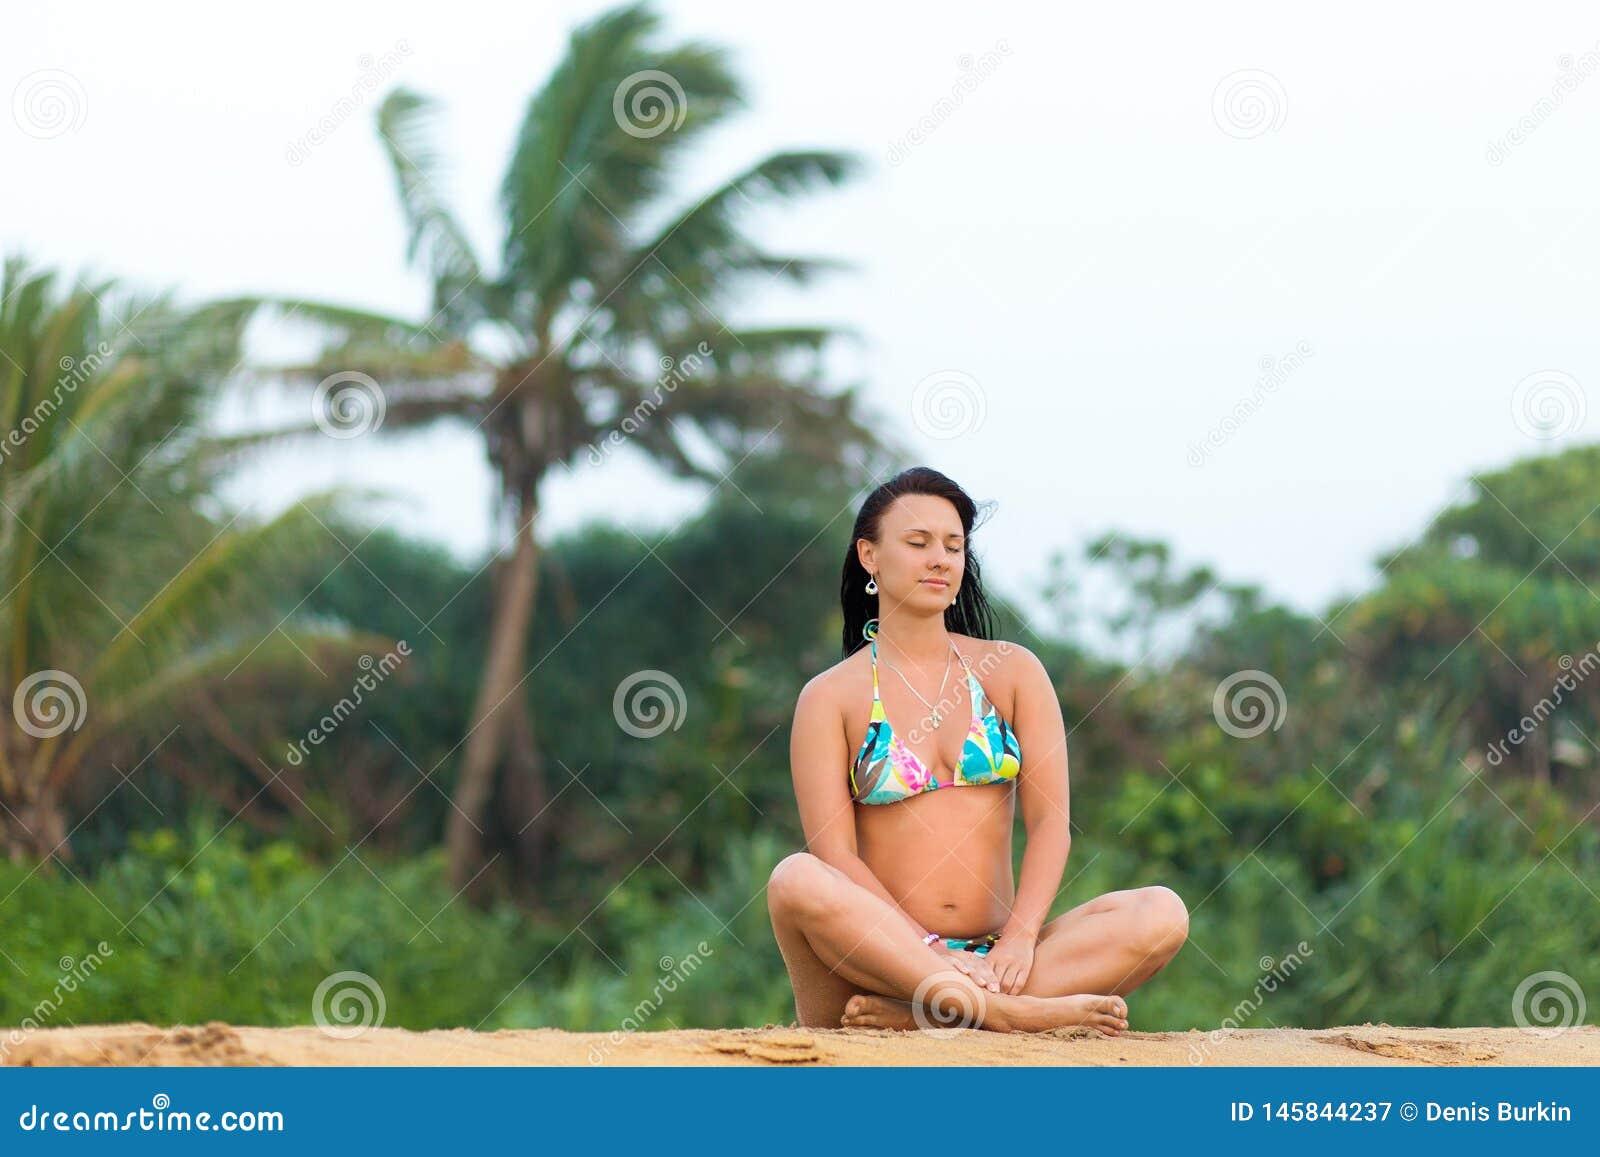 Menina em um roupa de banho que levanta na praia Sri Lanka menina de surpresa em um roupa de banho branco com um corpo de esporte